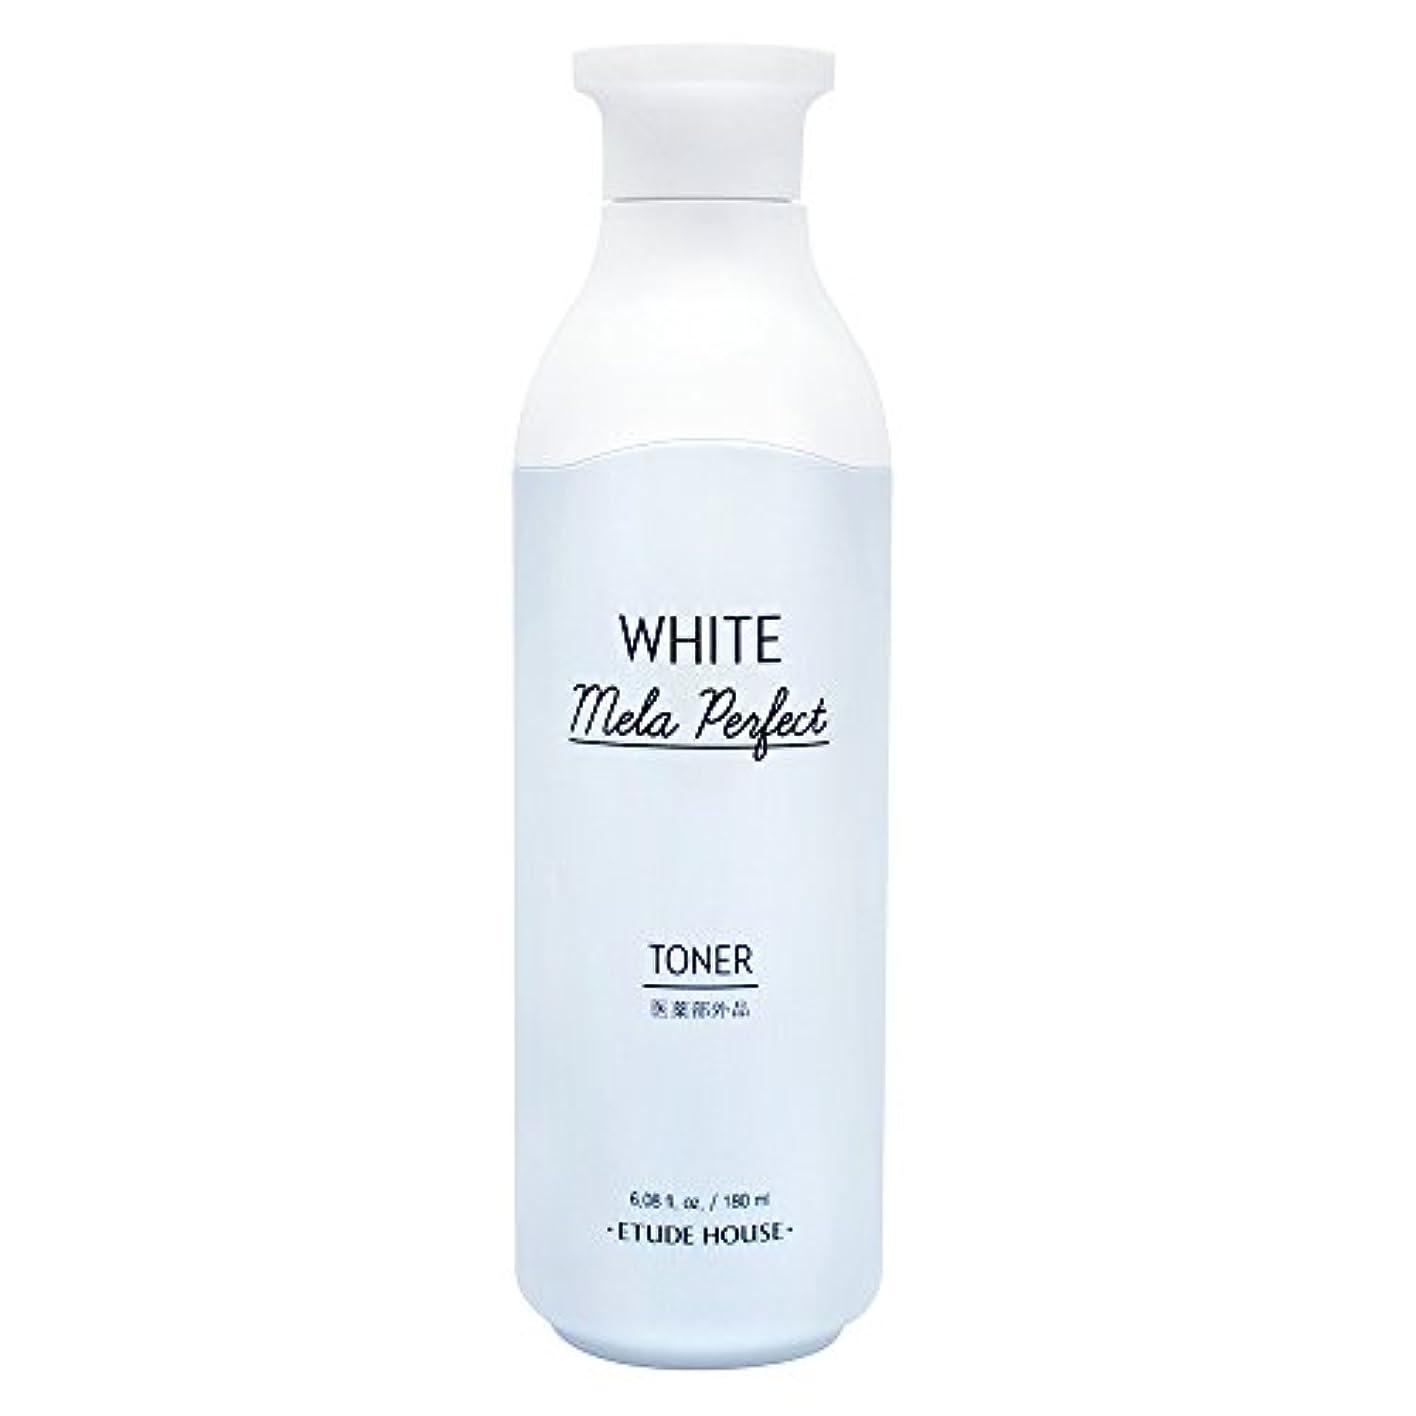 タールバドミントン解決エチュードハウス(ETUDE HOUSE) ホワイトメラパーフェクト トナー[化粧水、美白化粧水]